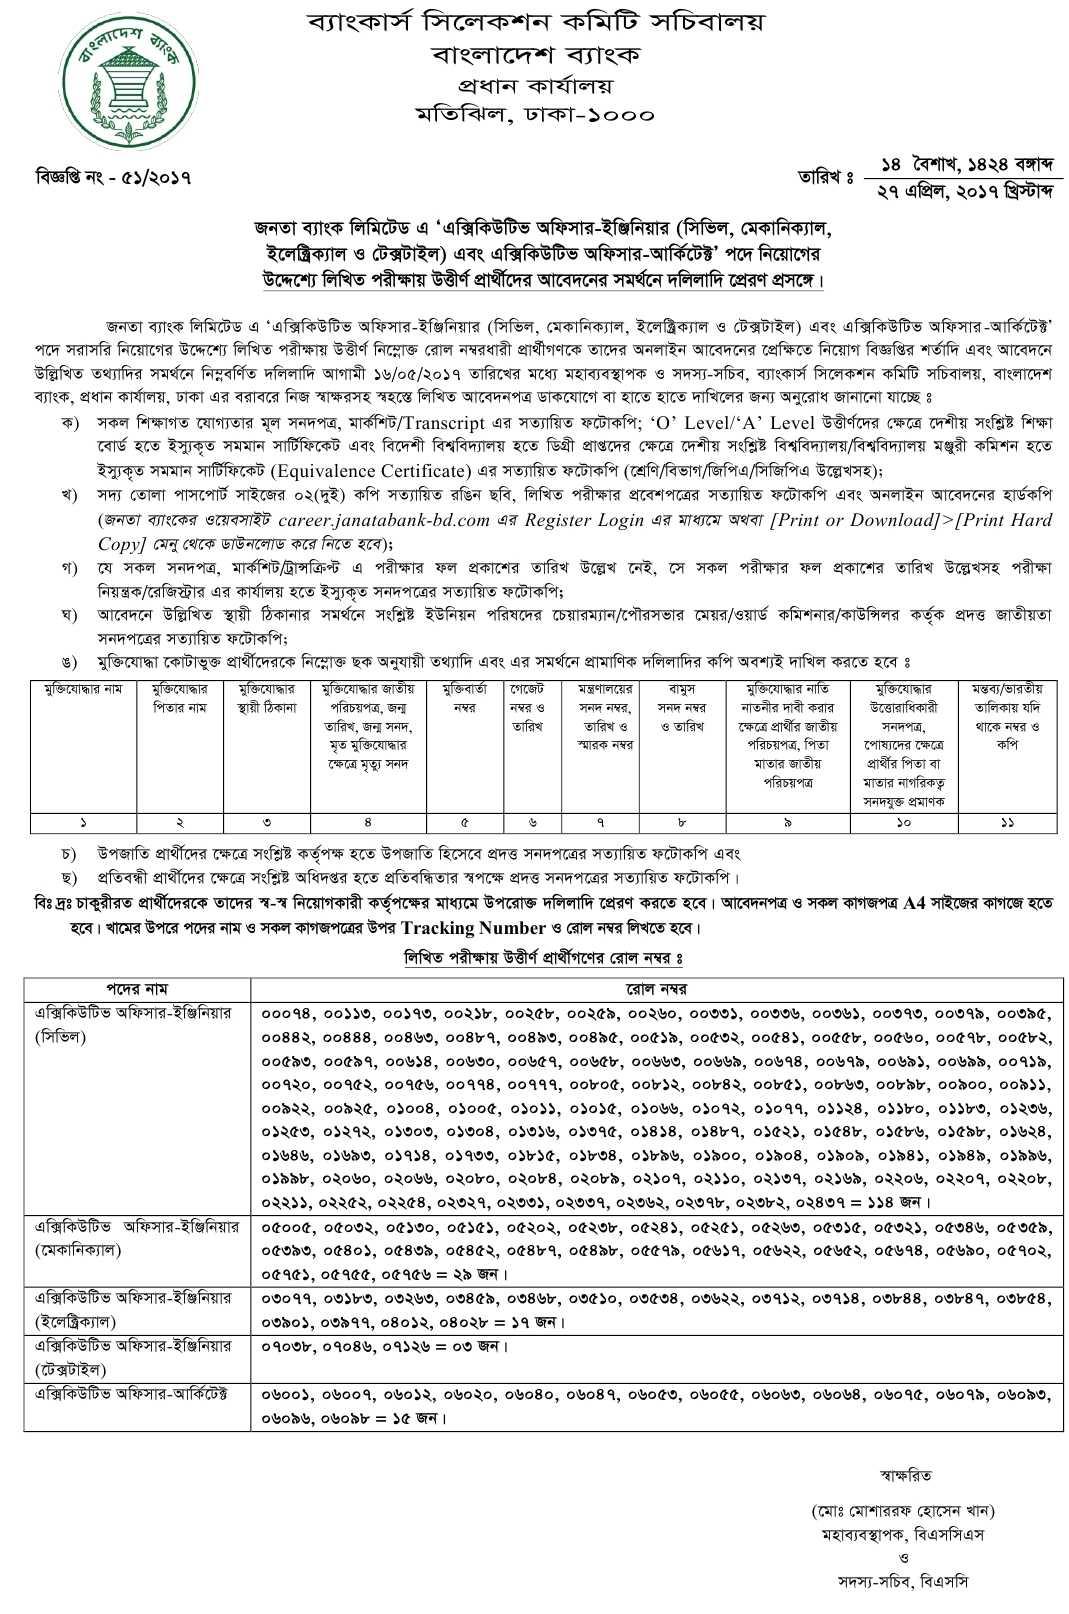 Janata Bank Limited Executive Engineer and Architect Job Circular Exam Result 2017